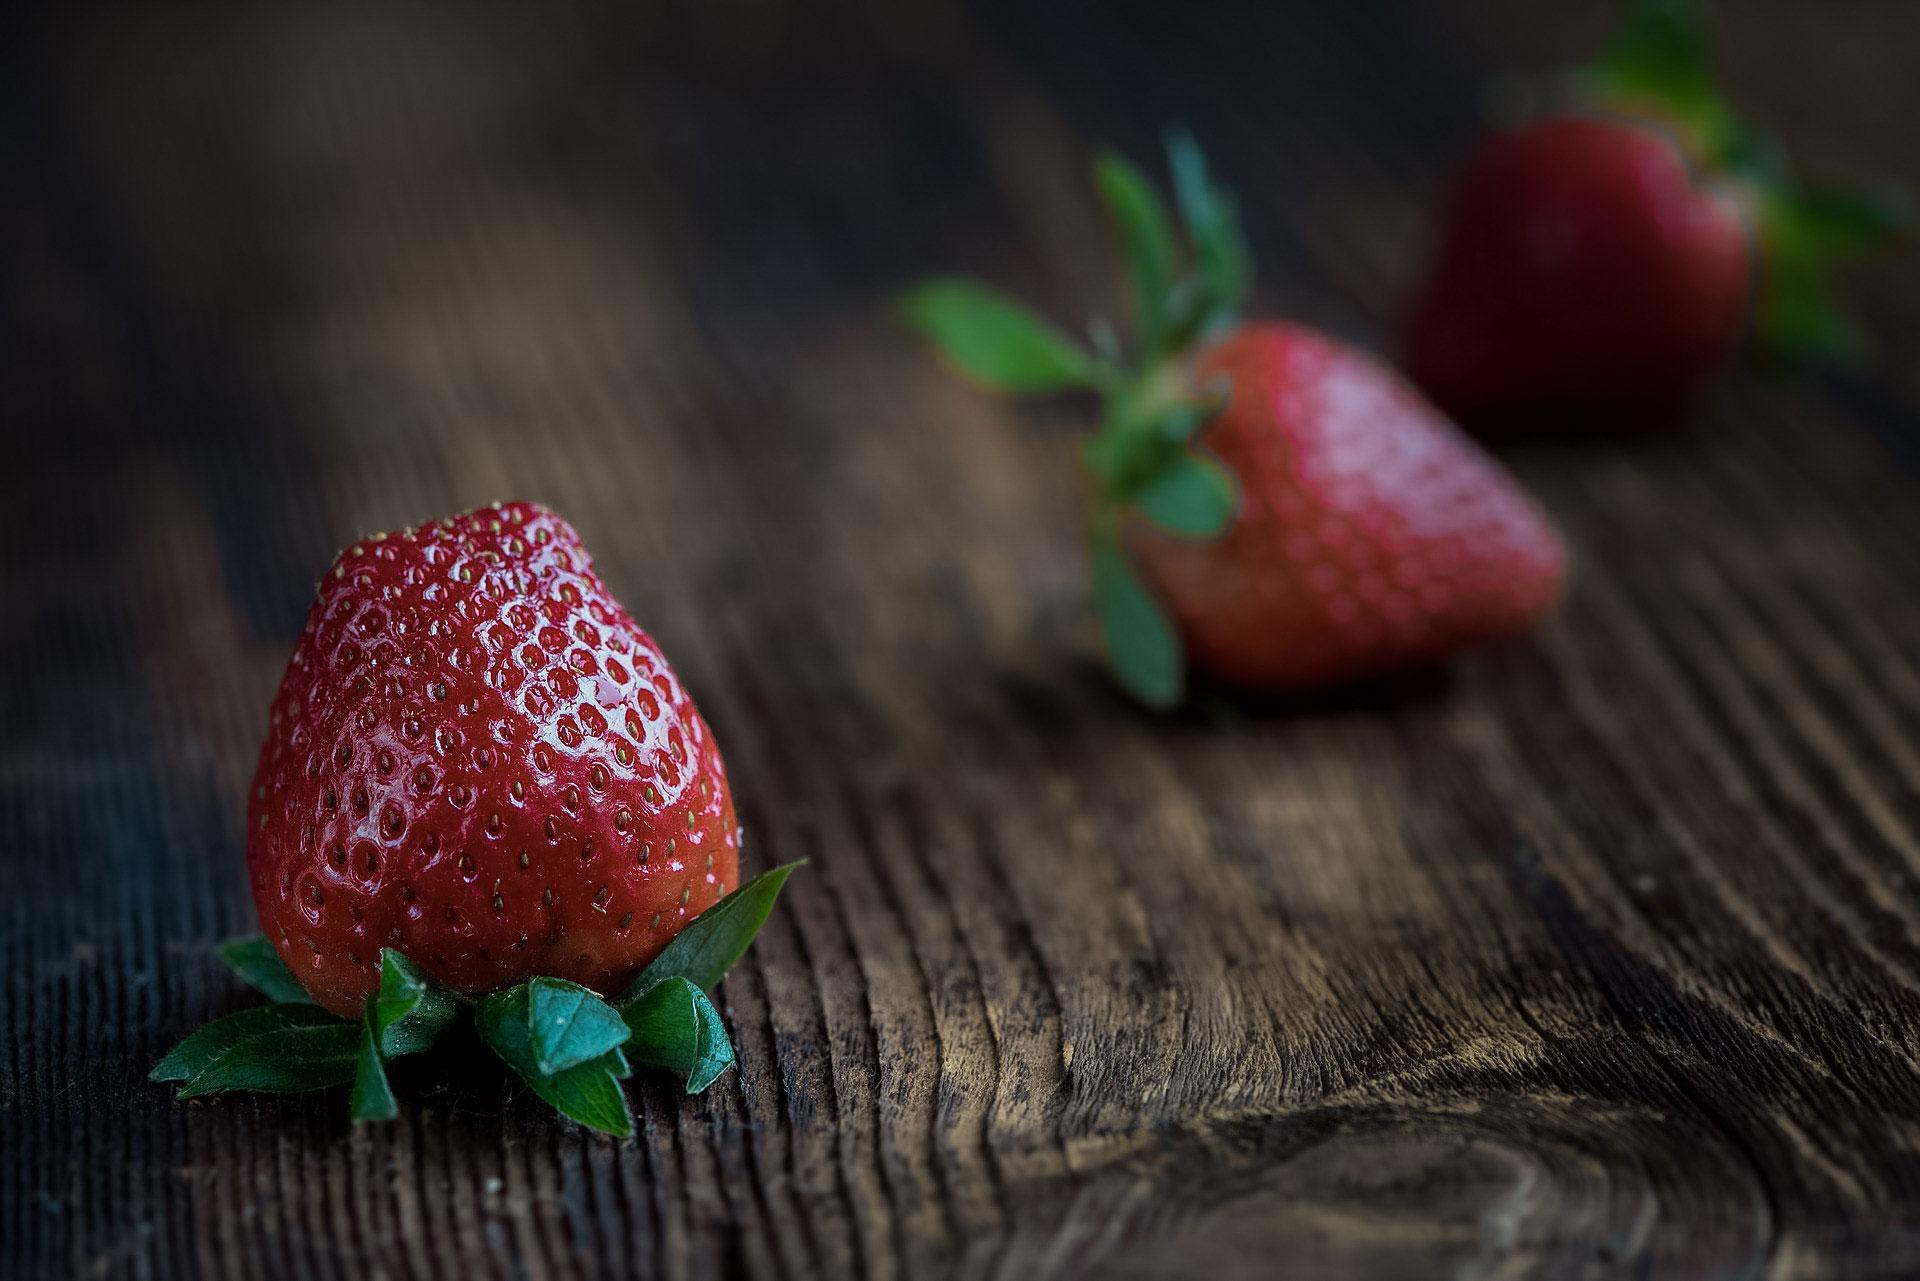 Også jordbær kan gi betennelsesreaksjoner hos enkelte. Foto: Pixabay